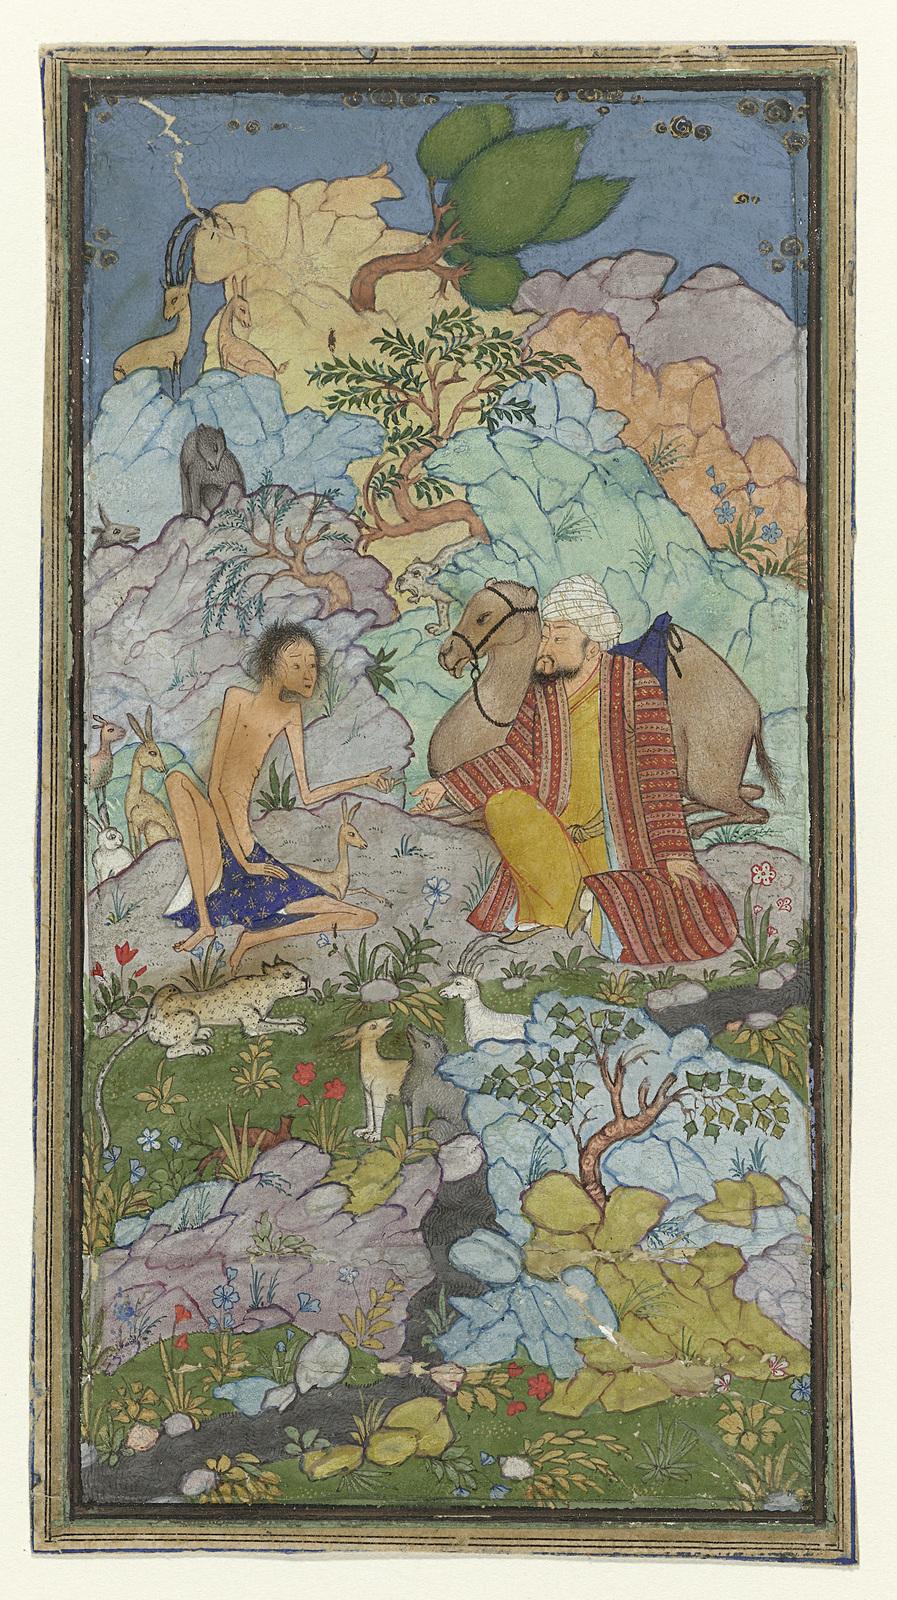 Episode uit de liefdesgeschiedenis van Laila en Majnun, de vermagerde Majnun zit in een landschap met een man en zijn kameel